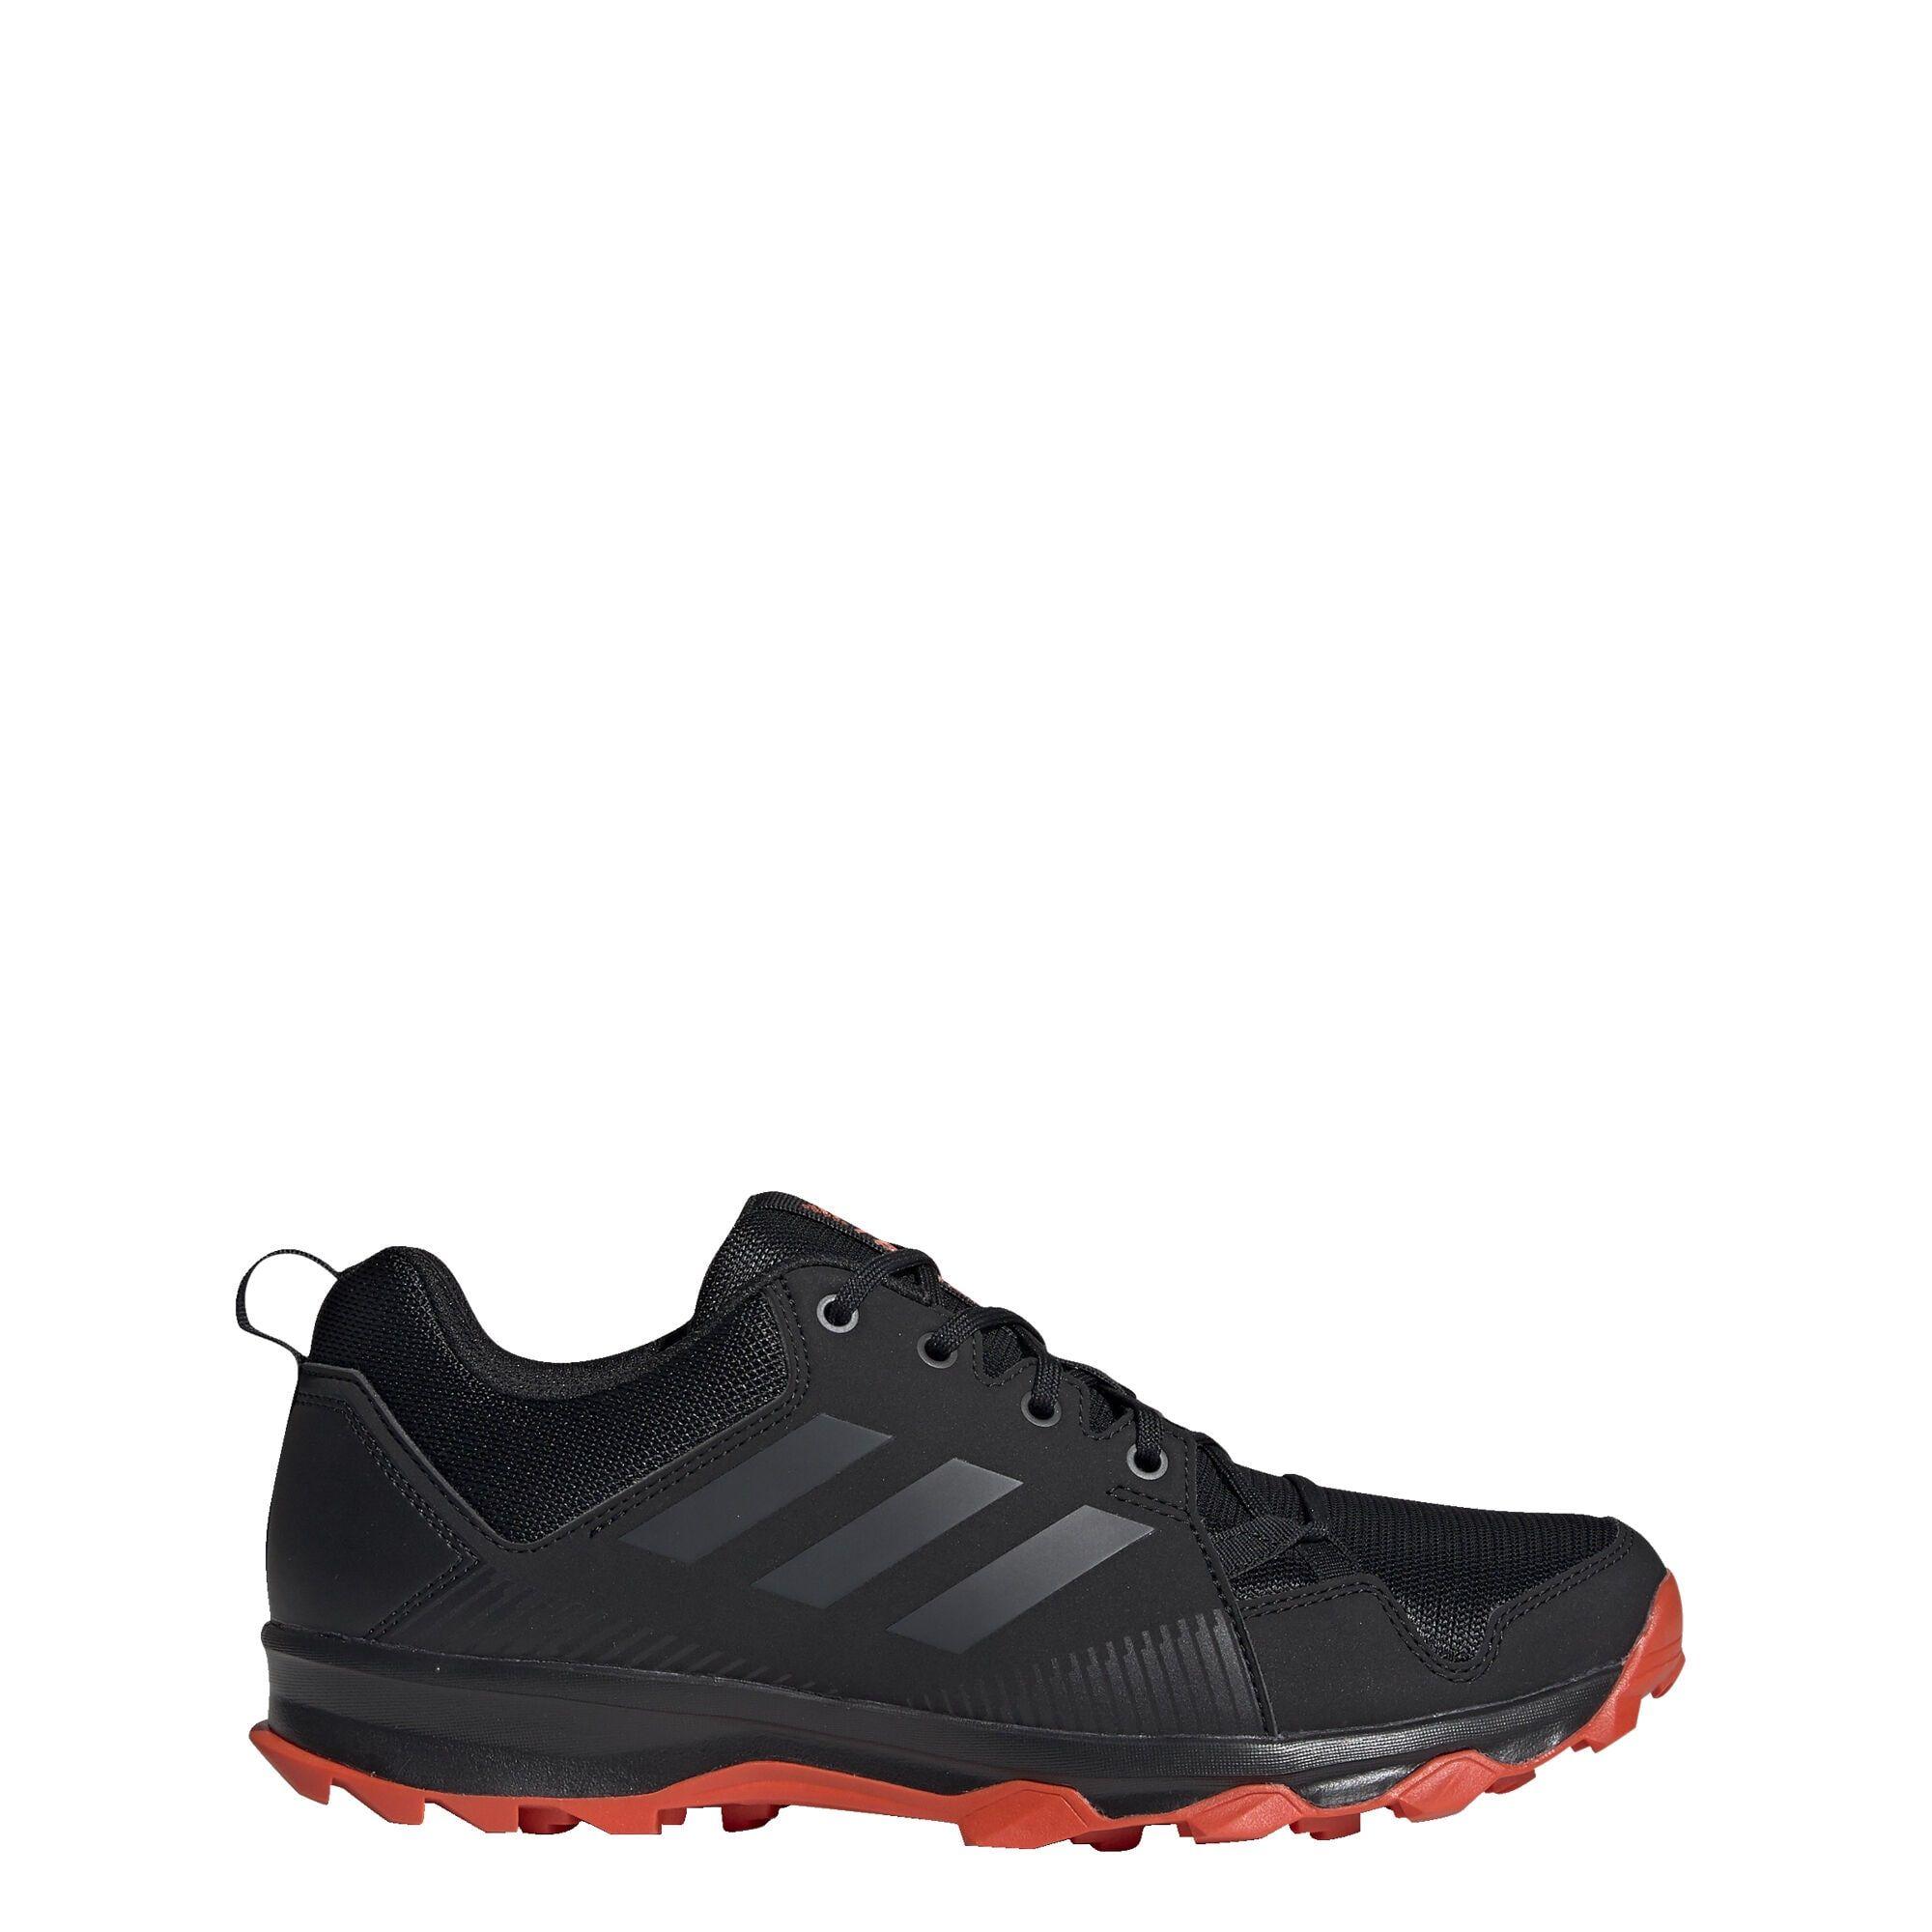 Adidas Performance Schuhe Terrex Tracerocker Herren Orangerot Schwarz Grosse 50 5 51 Schuhe Adidas Performance Und Adidas